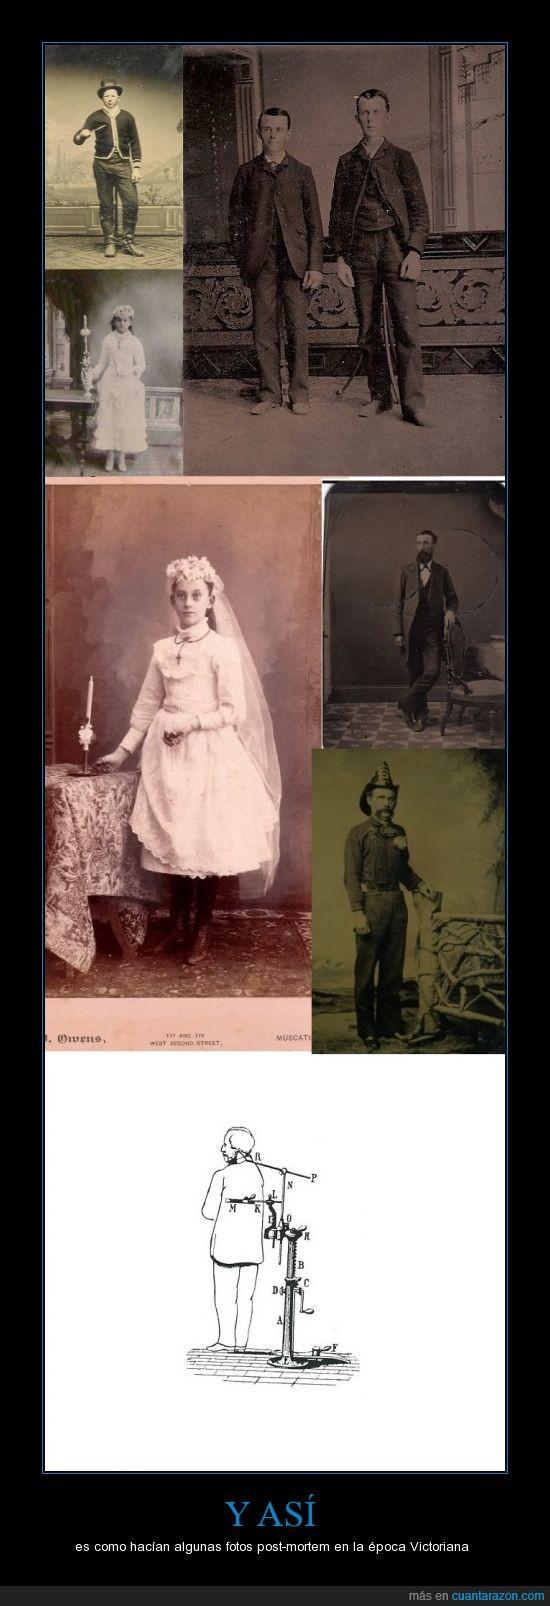 cadaver,da grima pero la historia es así,fotos,muerto,post-morten,postmortem,victoriana